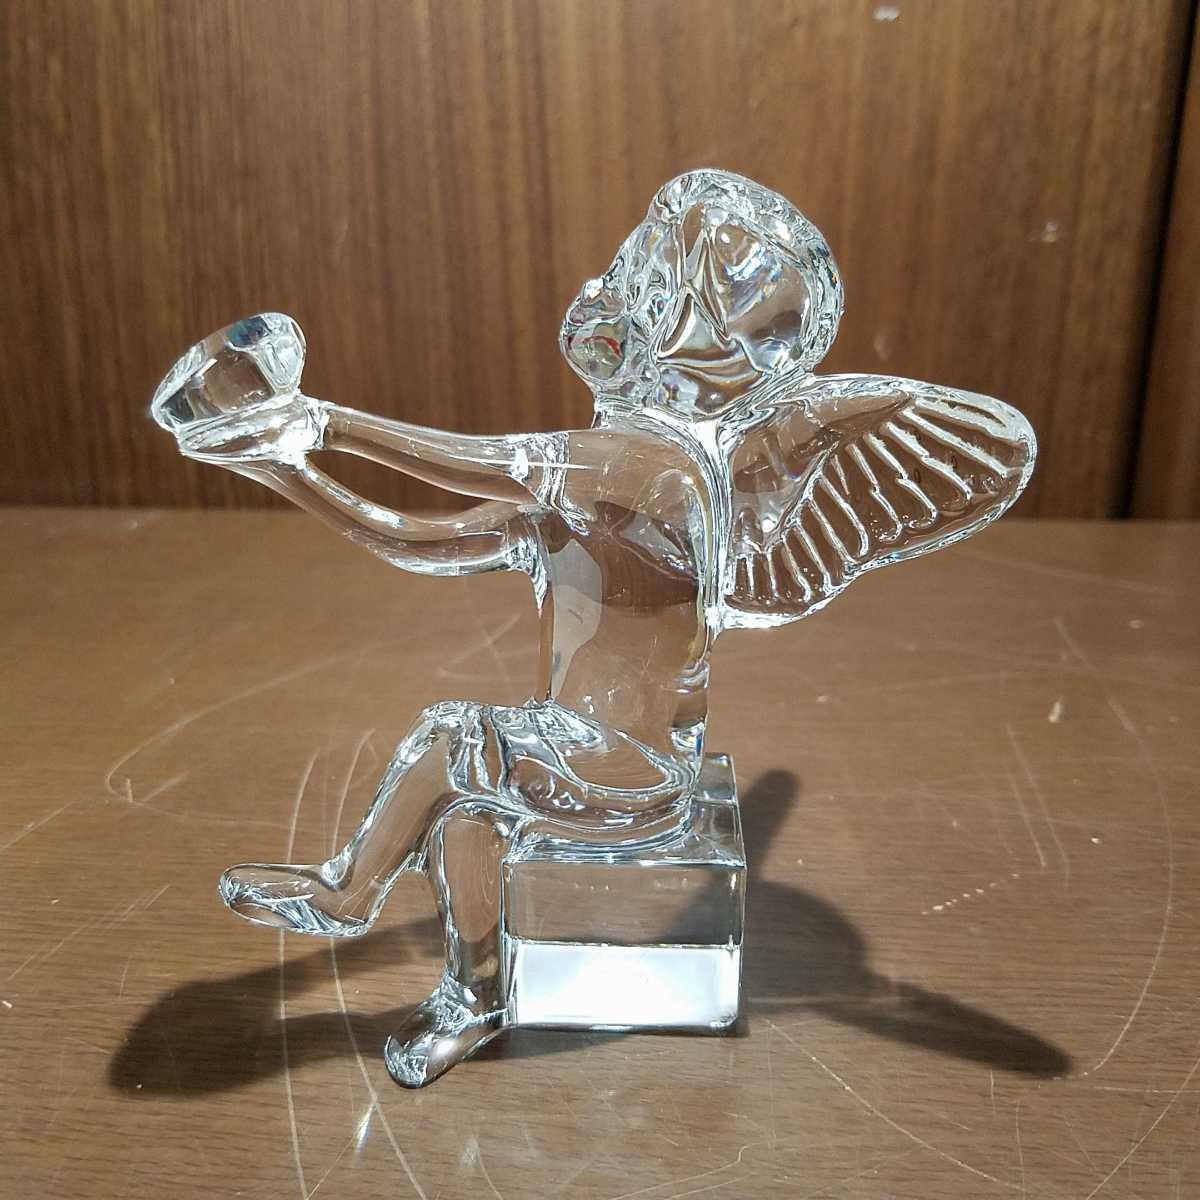 654▽同梱NG 逸品 ブランド バカラ エンジェルハート ハートを持つ天使の羽根 可愛い置き飾り物 クリスタルガラス Baccarat Angel オブジェ_画像1